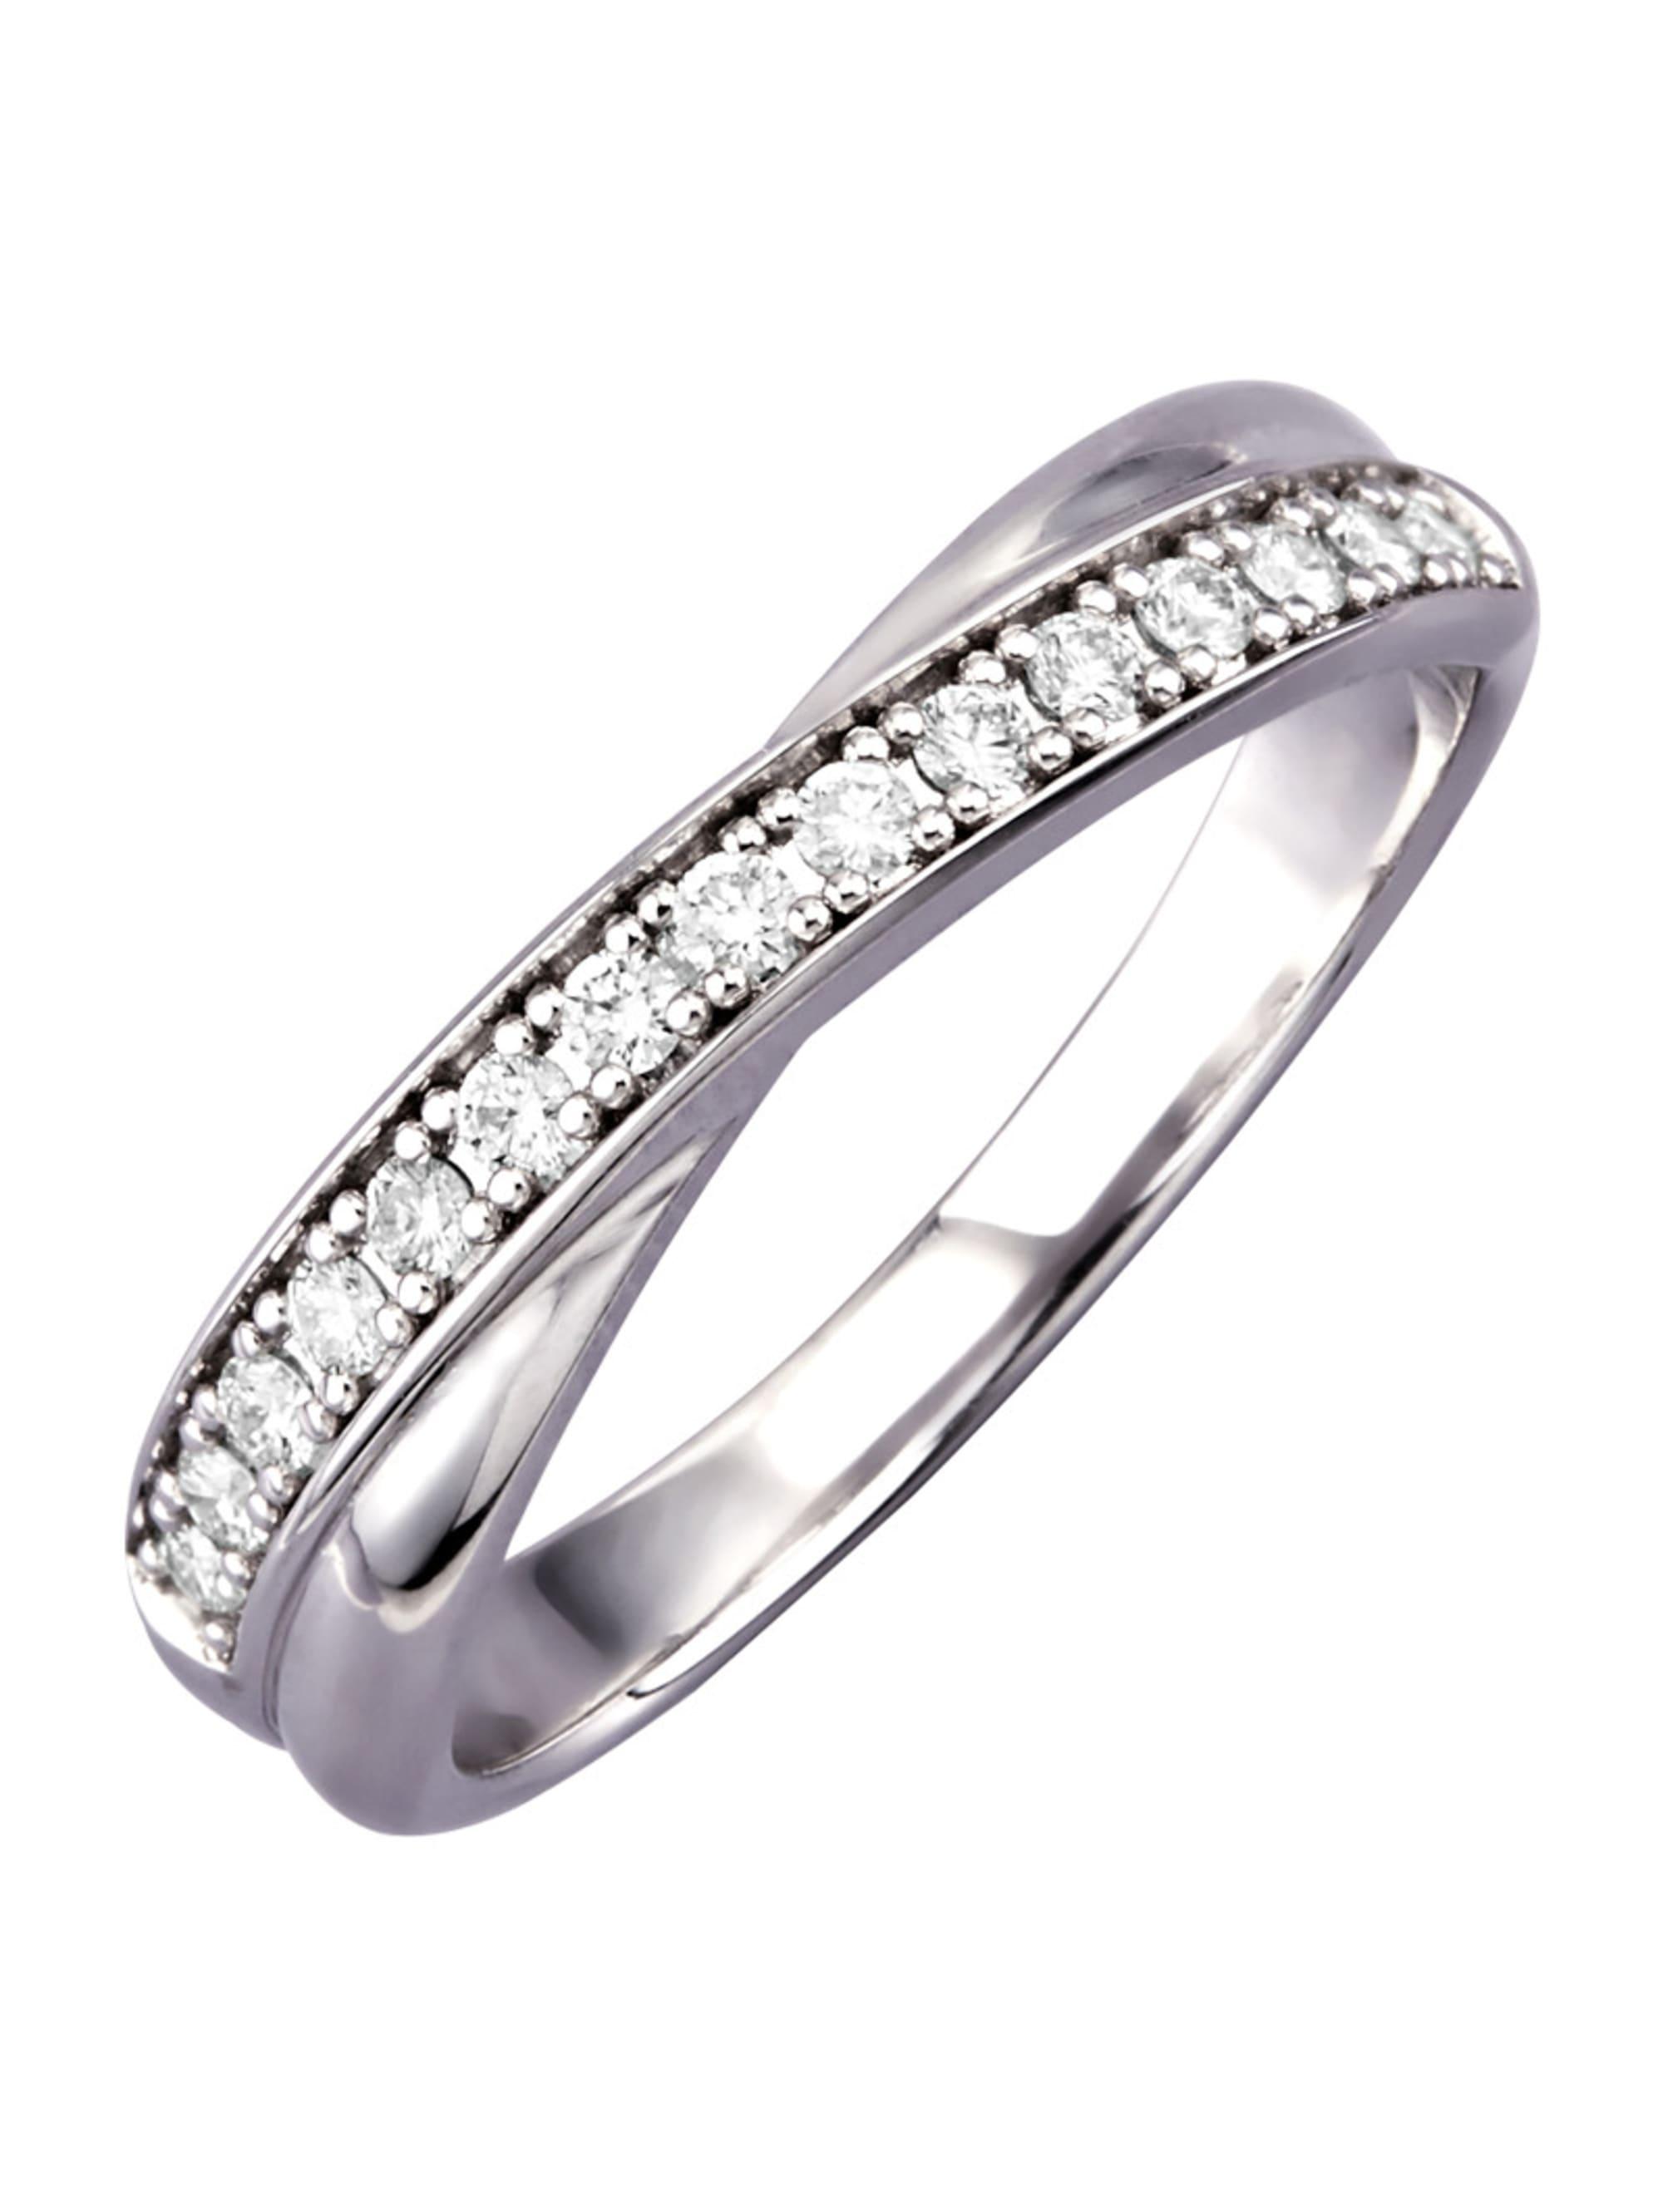 Diemer Diamant Damenring mit Brillanten 0wc89